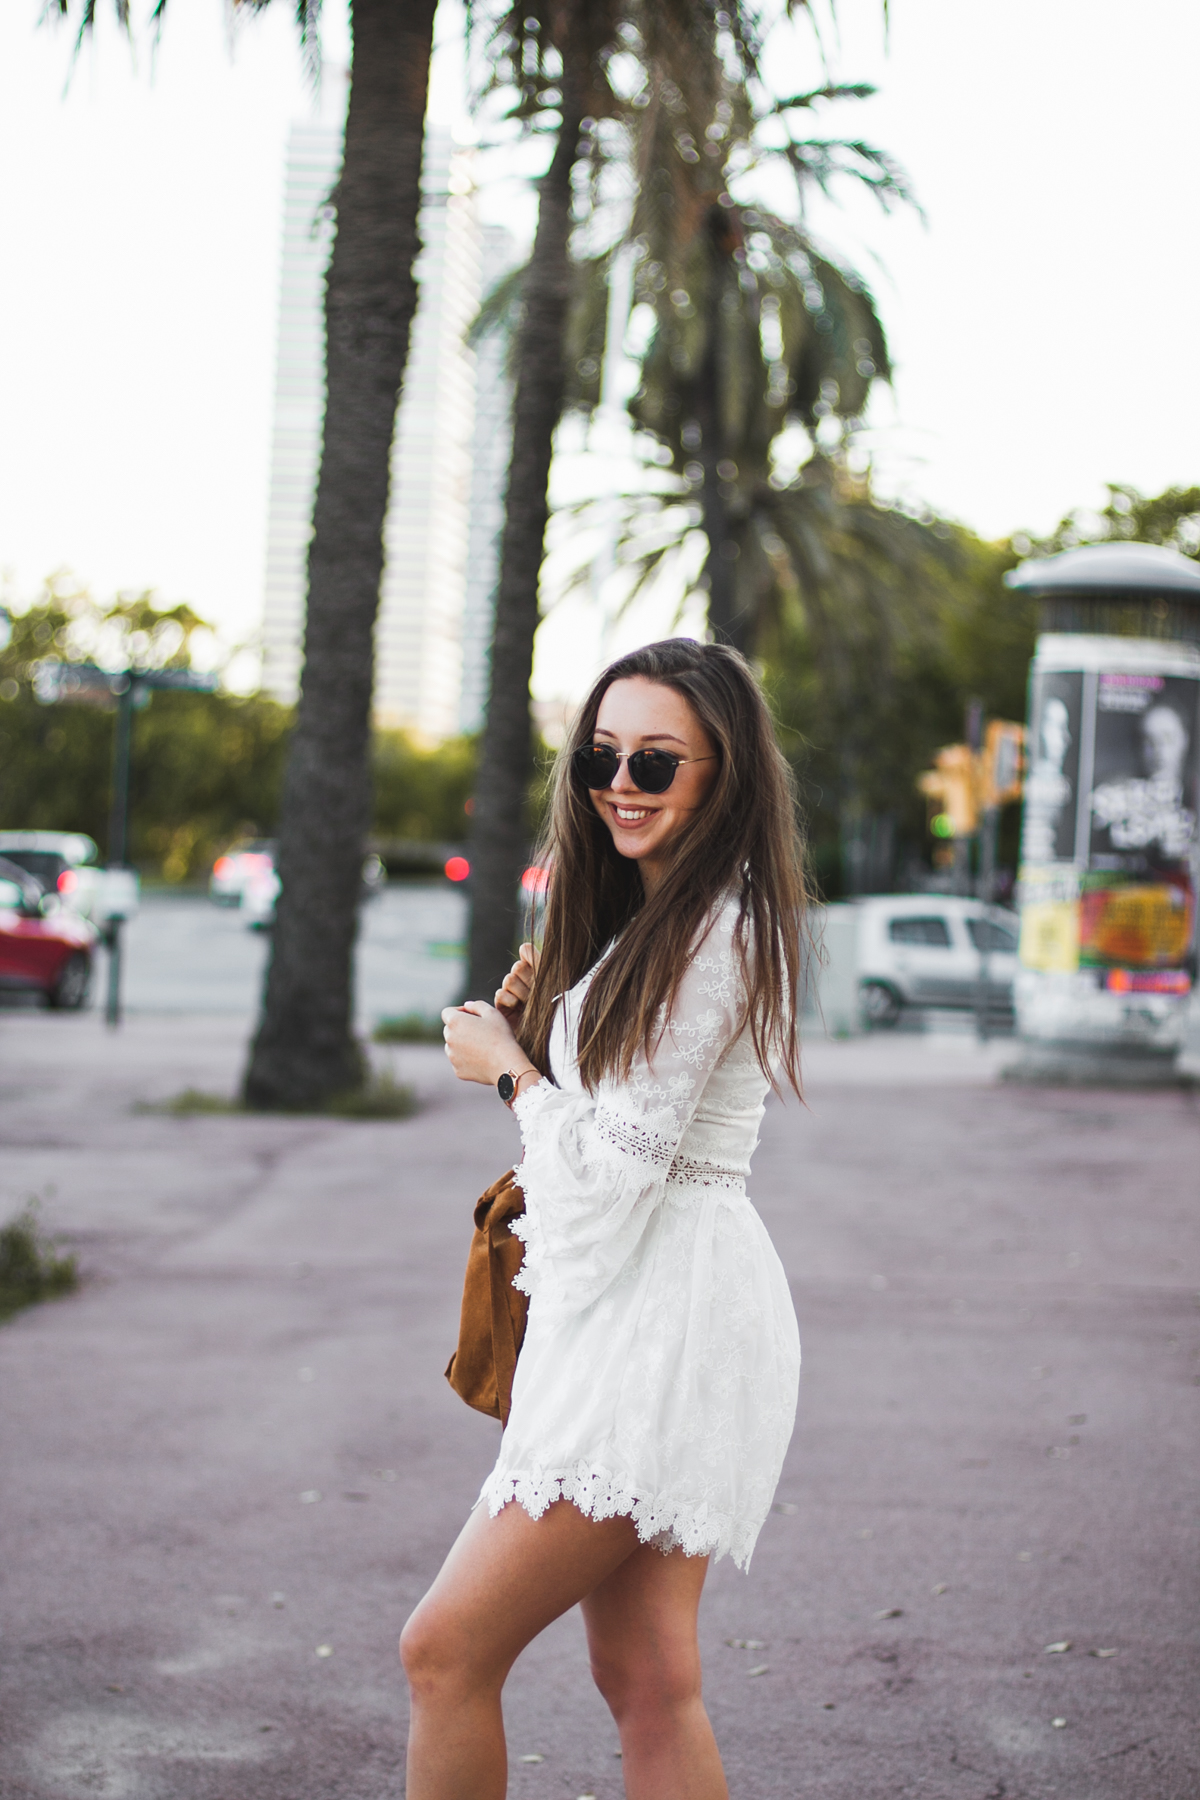 Biały koronkowy kombinezon stylizacja